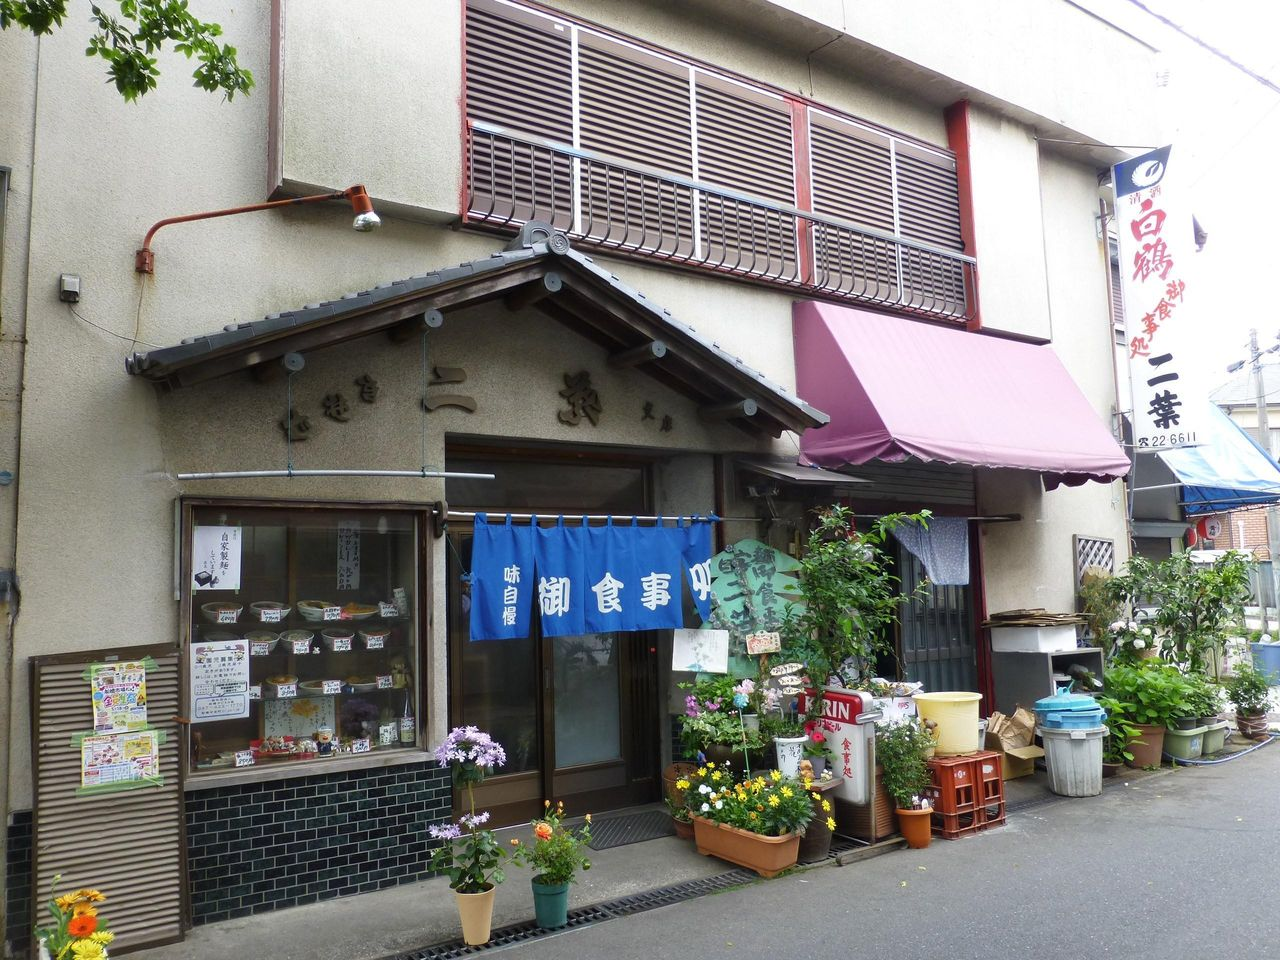 年季の入った蕎麦屋という雰囲気の店構え!